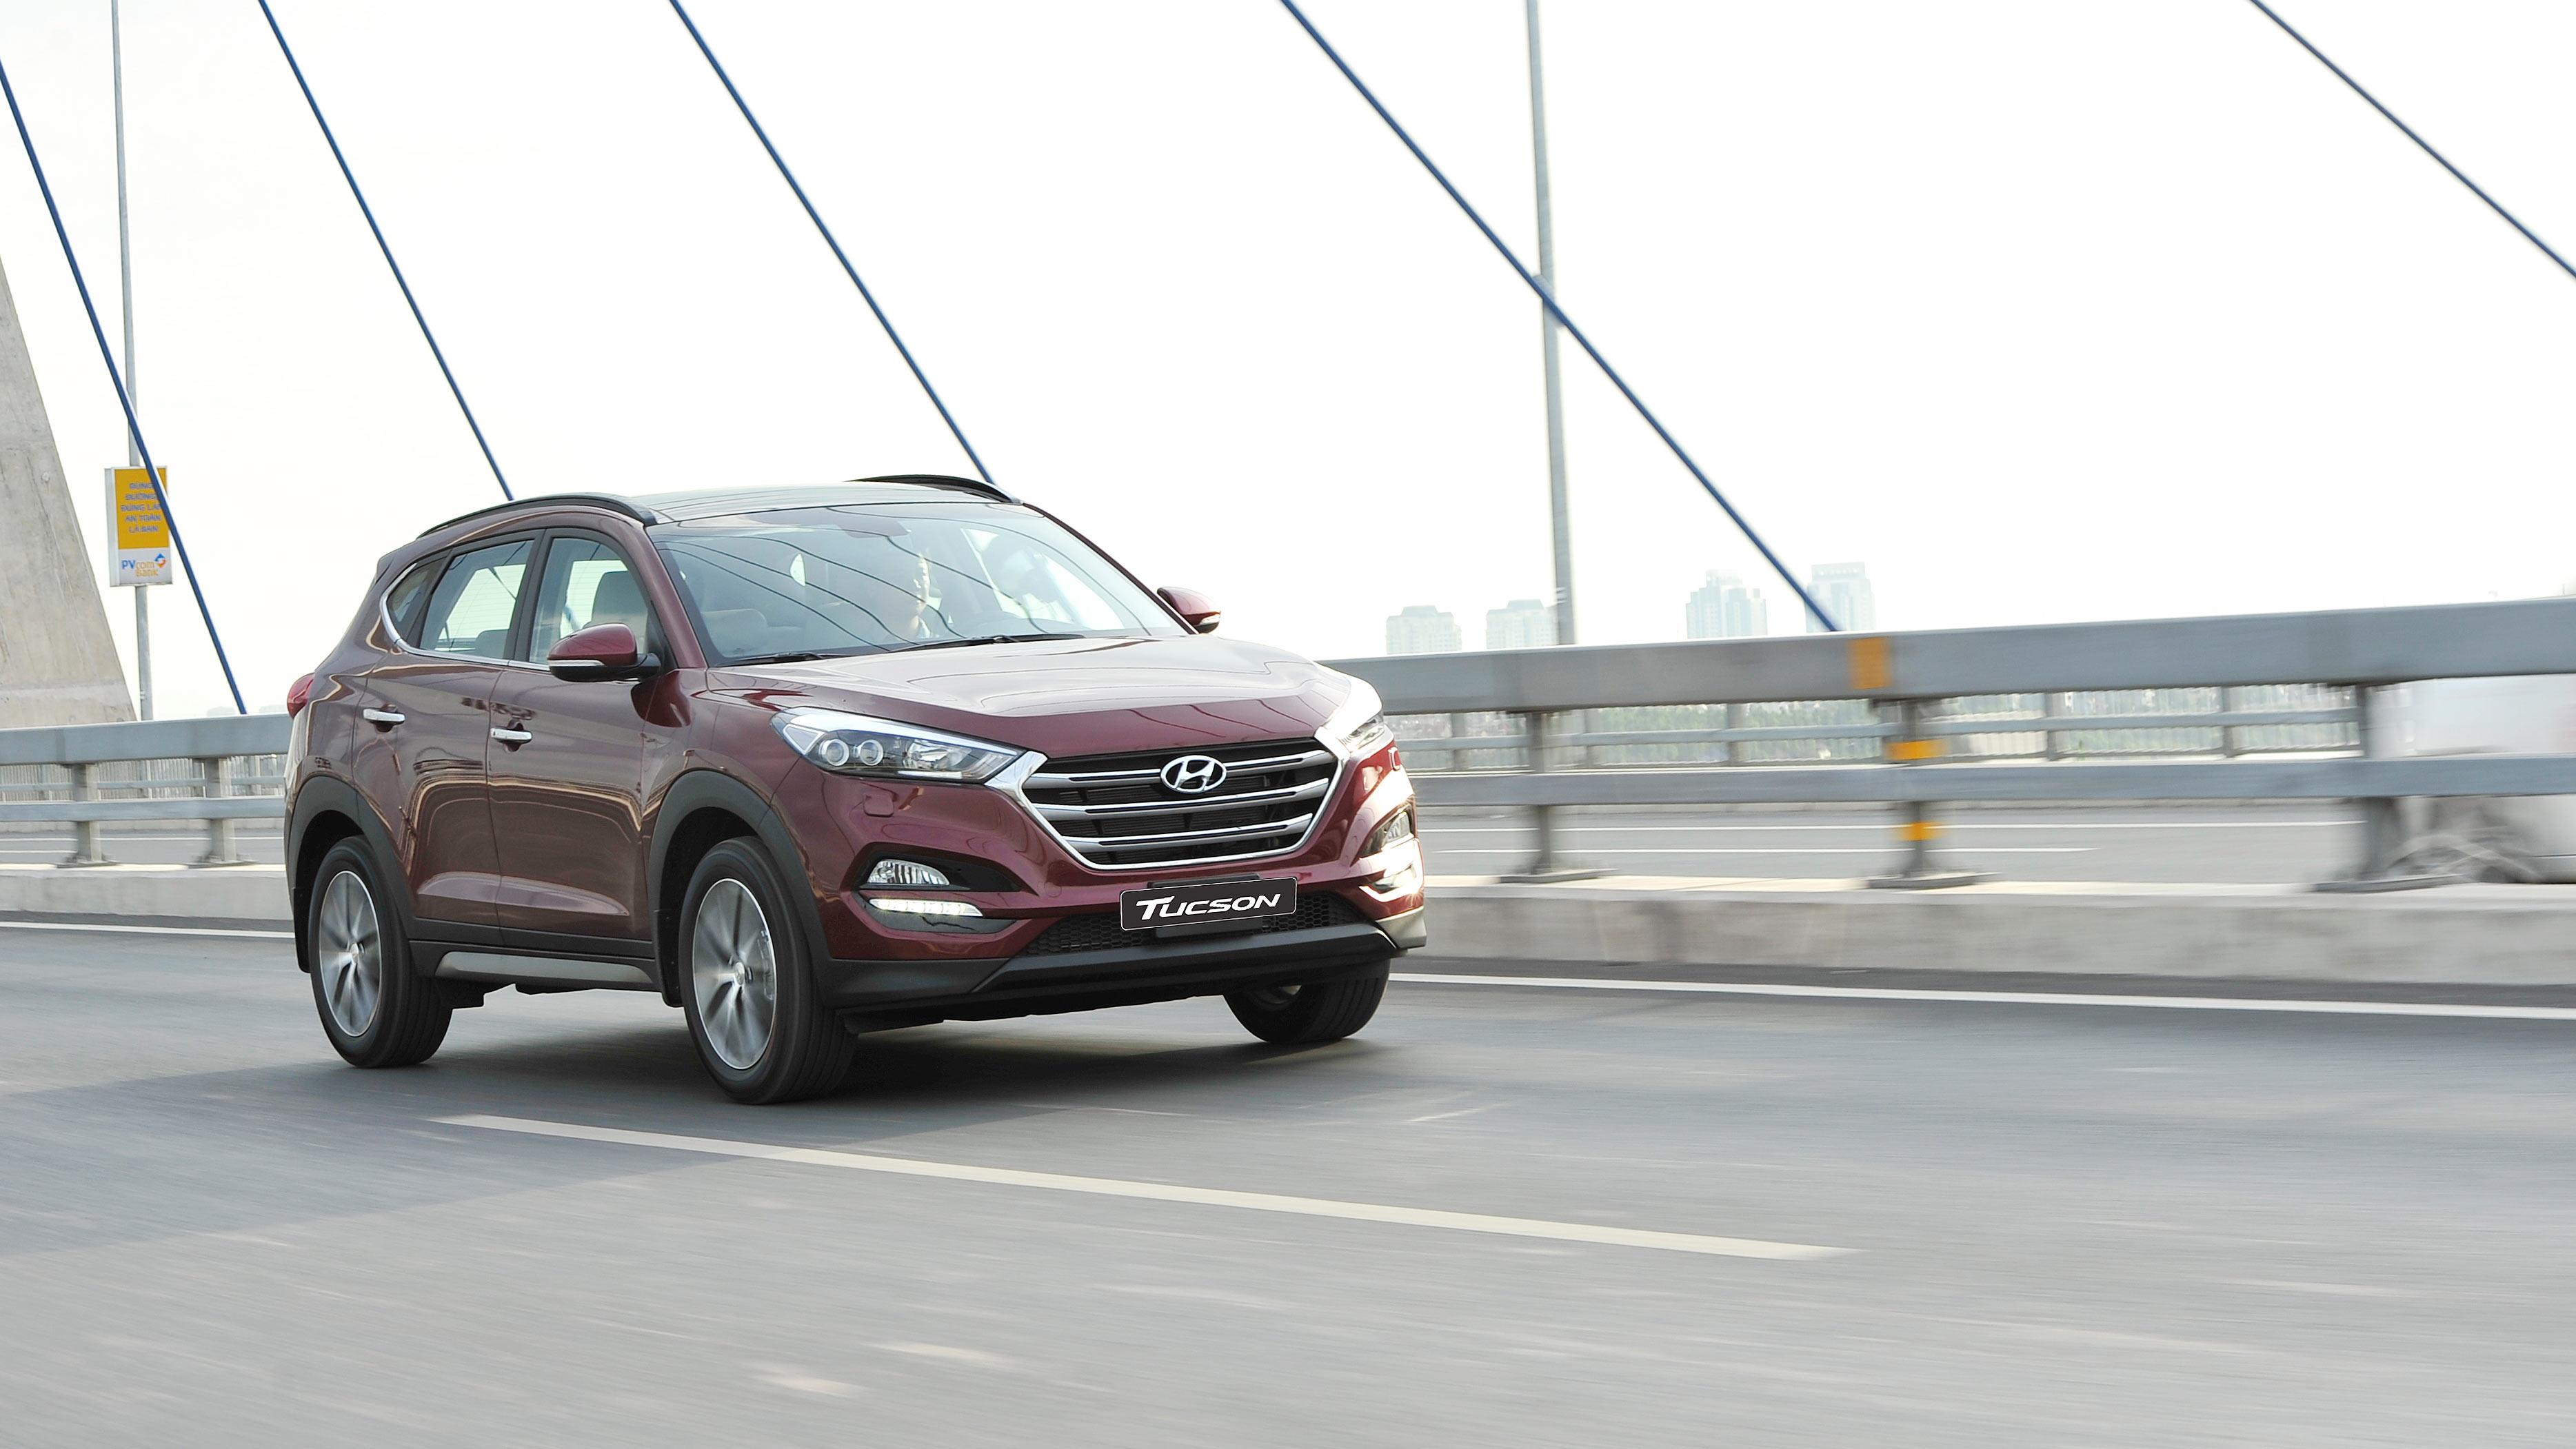 Hyundai Thành Công triệu hồi Tucson tại Việt Nam hyundai-tucson.jpg